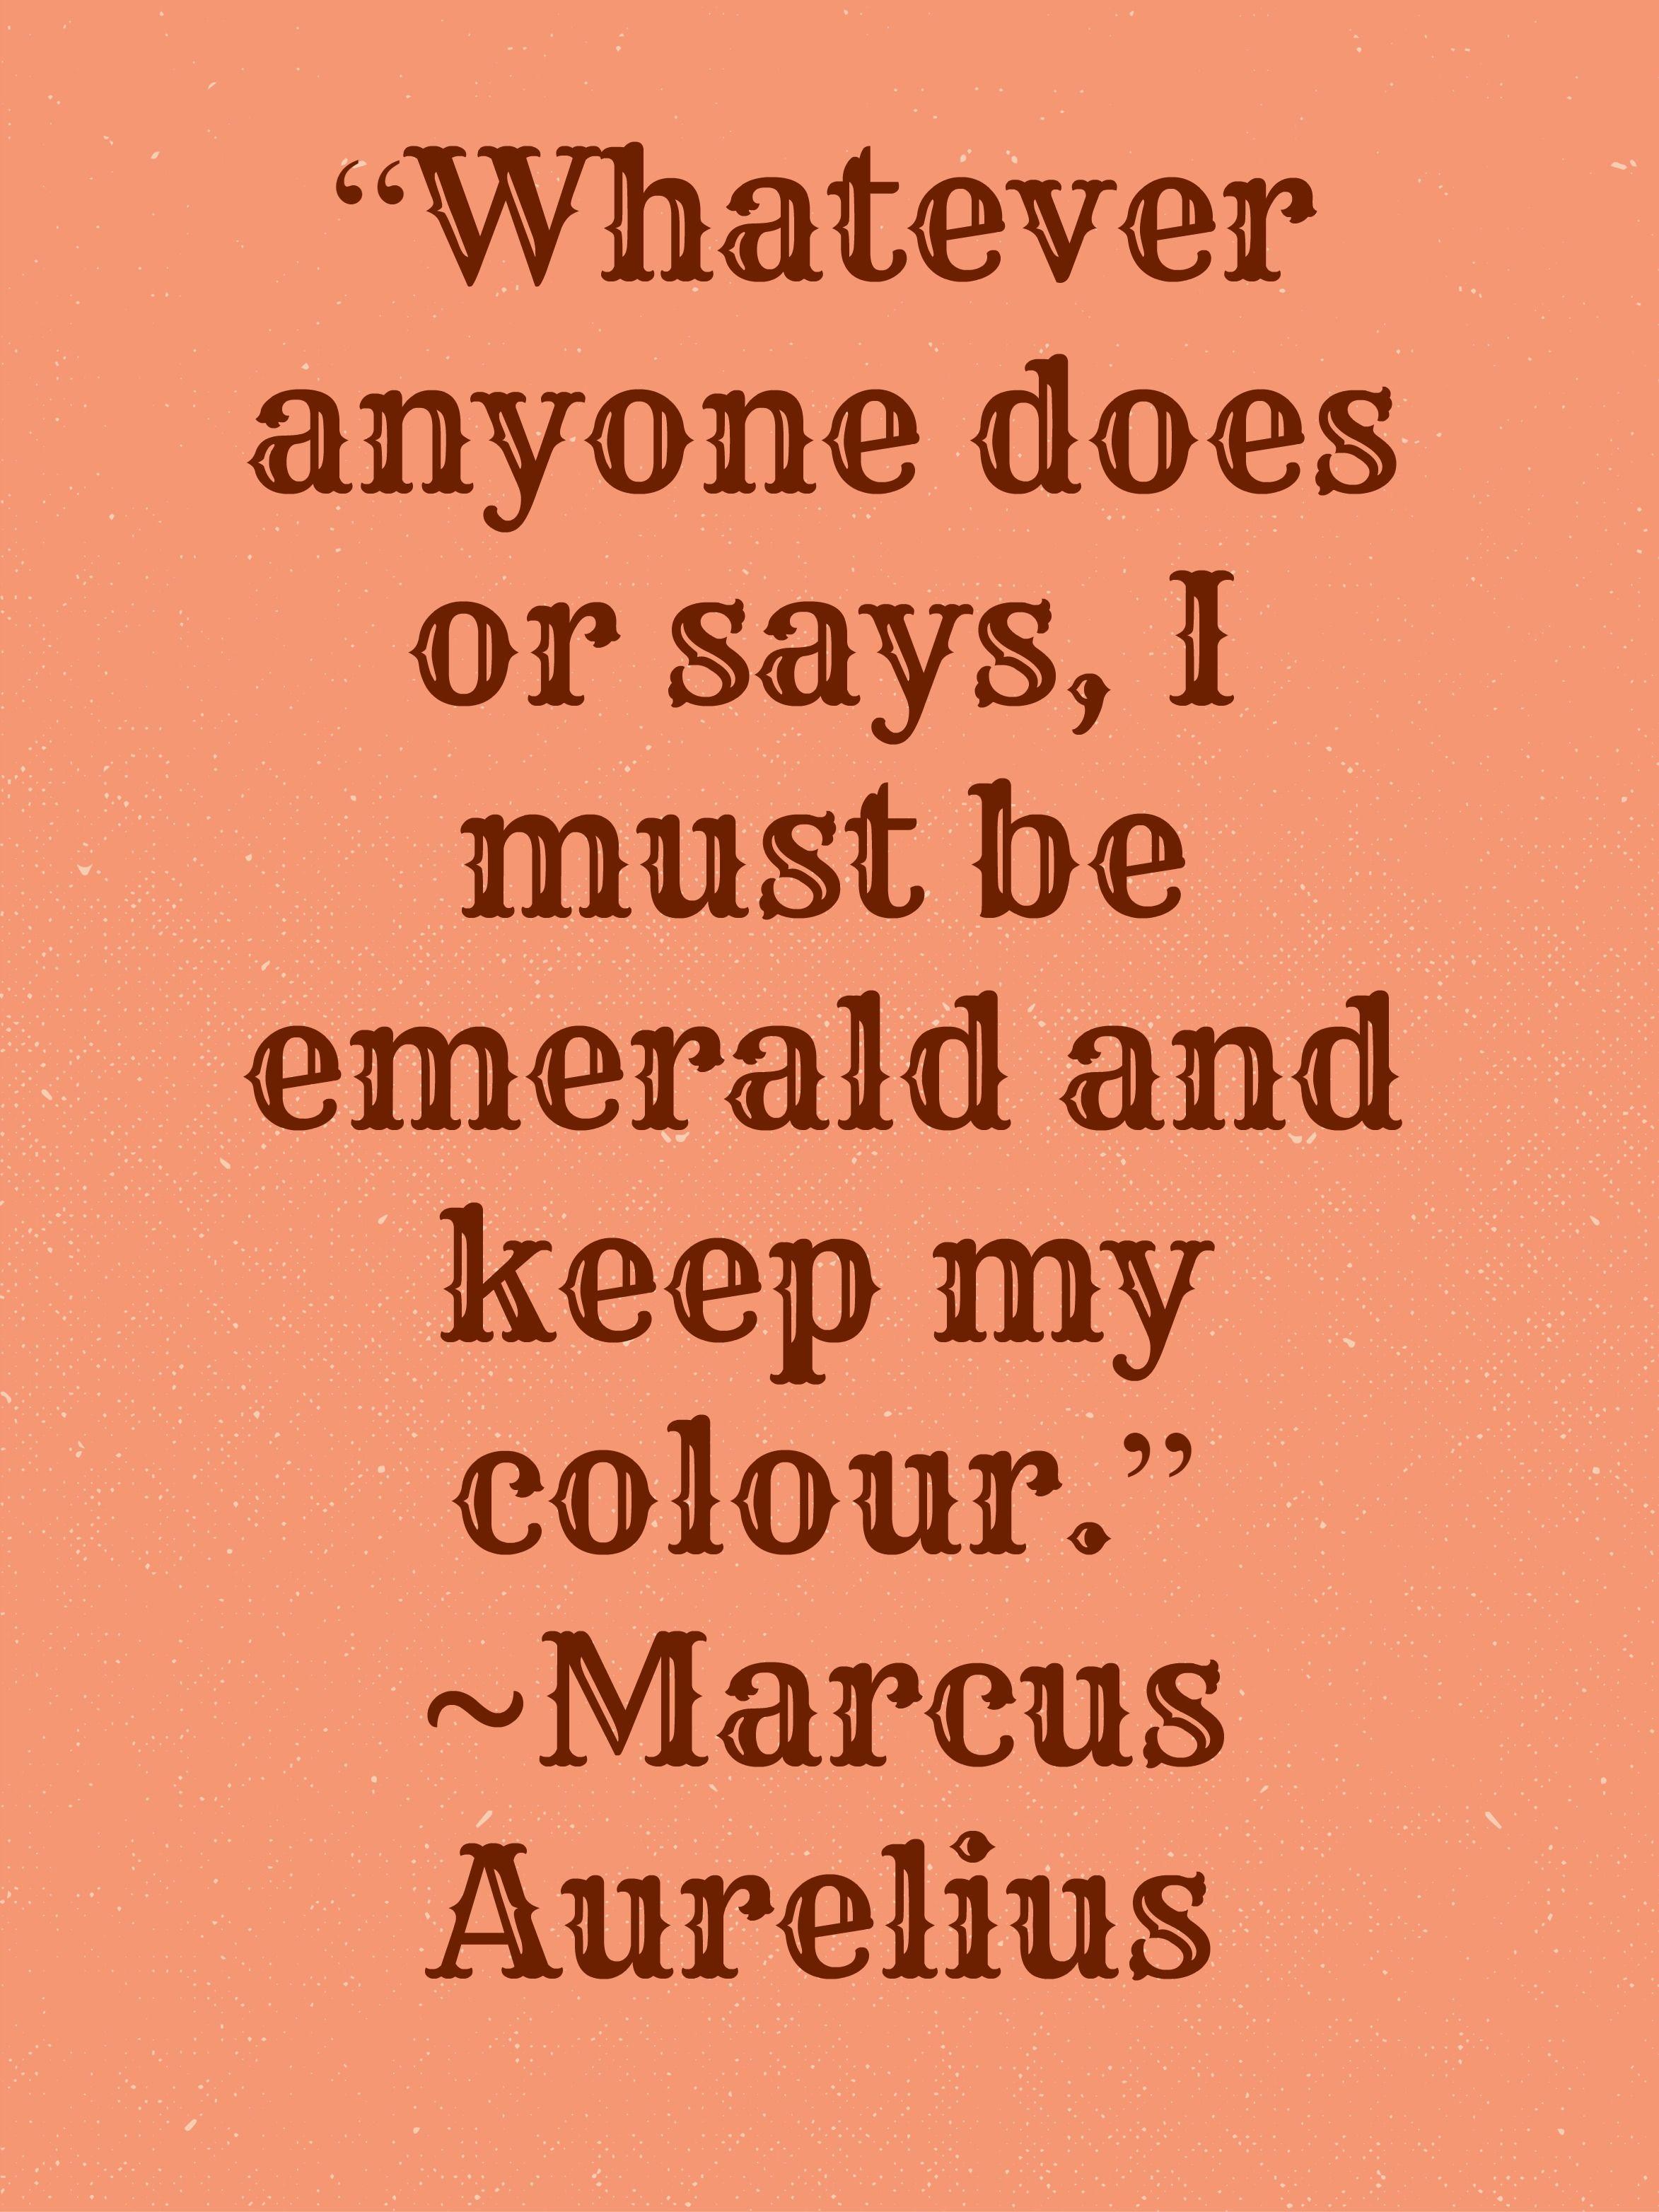 """Emerald Quotes : emerald, quotes, Whatever, Anyone, Says,, Emerald, Colour."""", ~Marcus, Aurelius, Marcus, Aurelius,, Sayings,"""